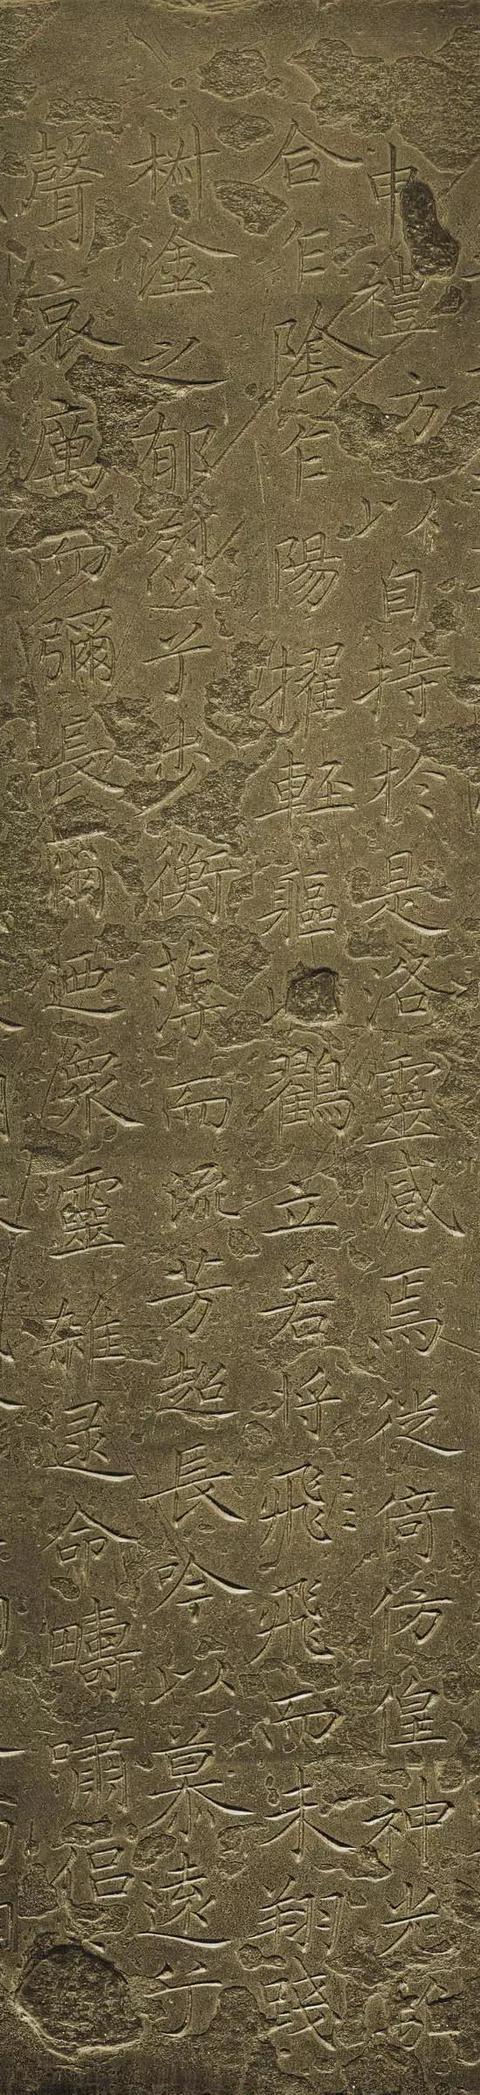 王献之小楷《洛神赋十三行》石刻